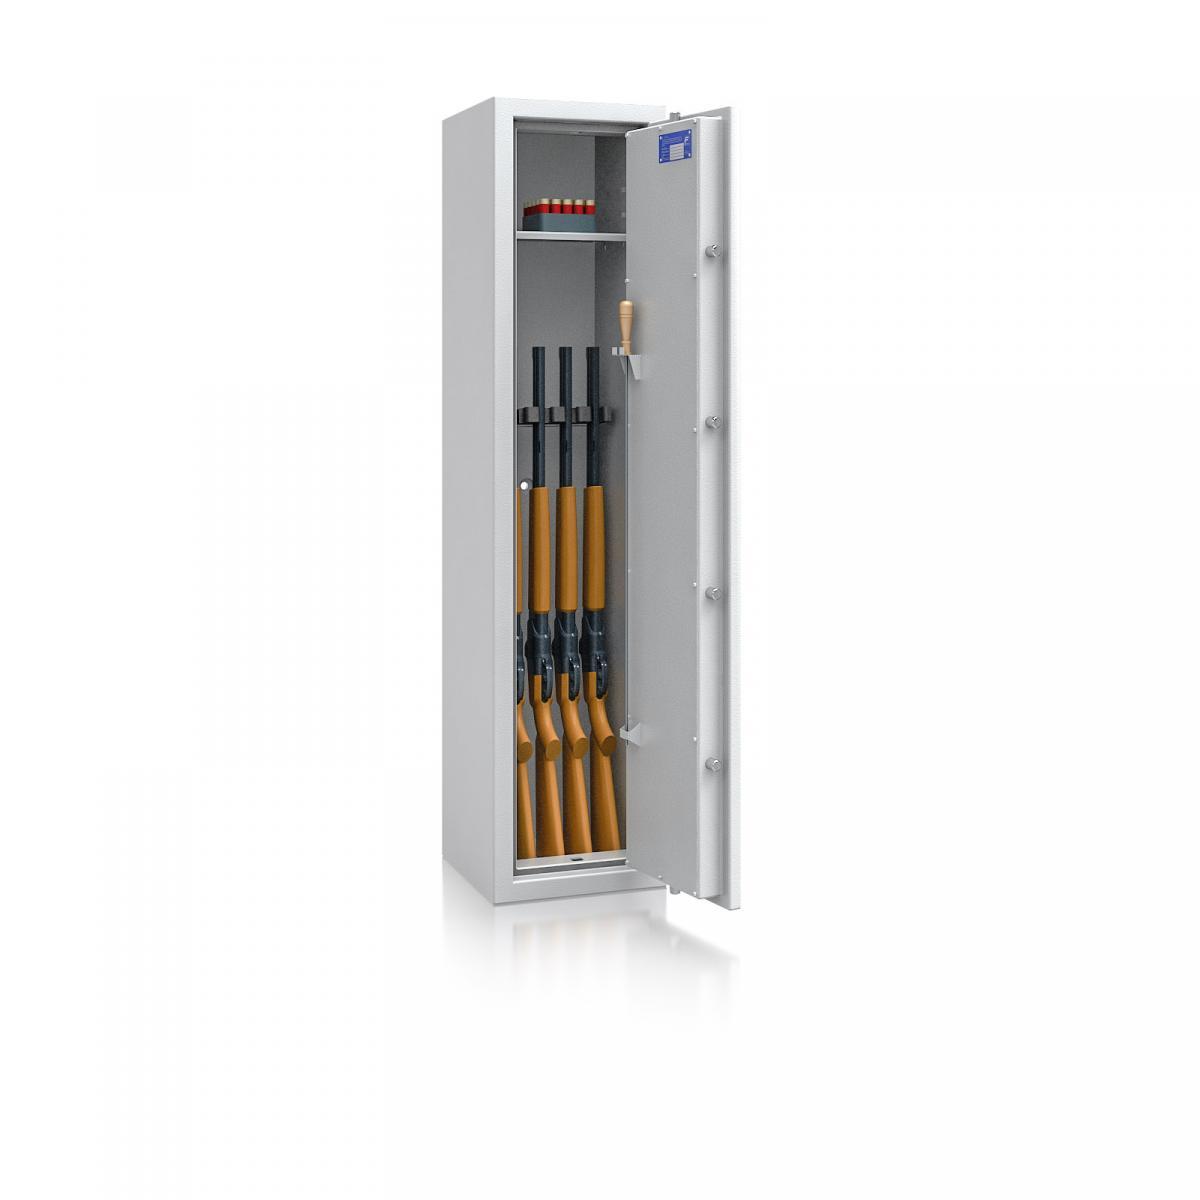 Waffenschrank Luzern WF 3 - 1500x350x350 / 126kg 55647 / Klasse 0 / RAL7035 / Schlüssel / DIN R